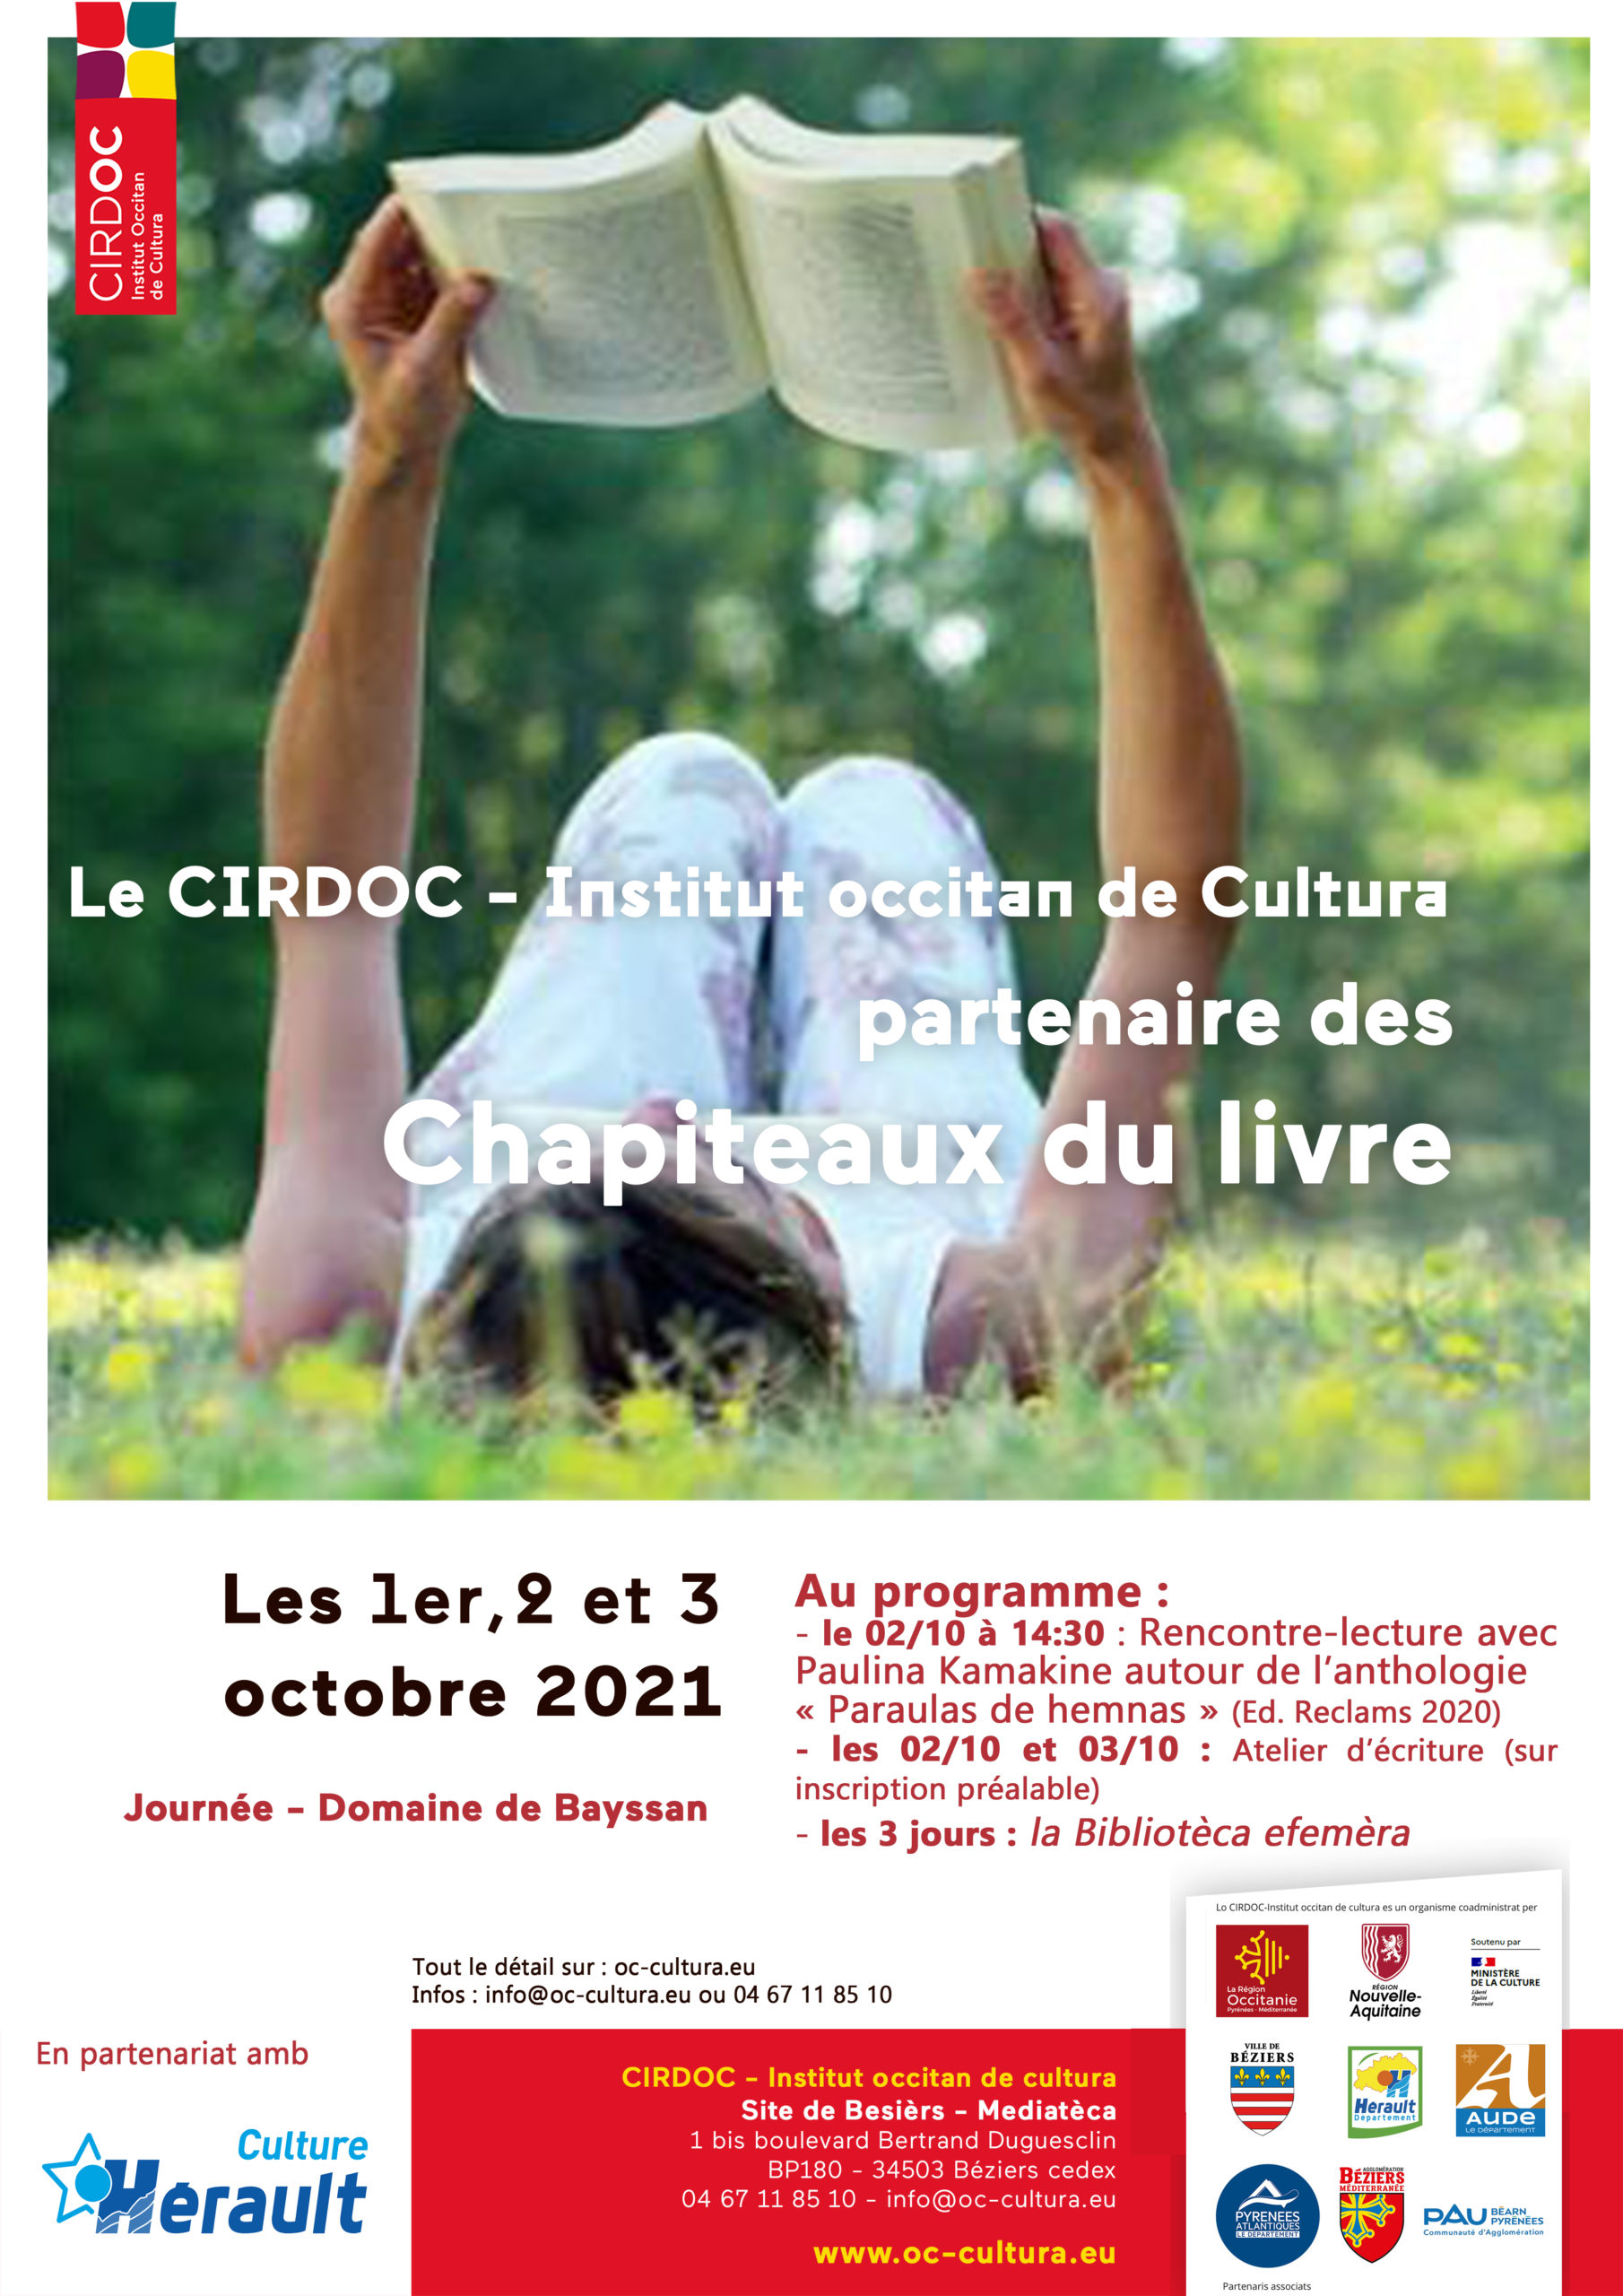 Chapiteaux du livre 2021 - programacion del CIRDÒC-Institut occitan de cultura